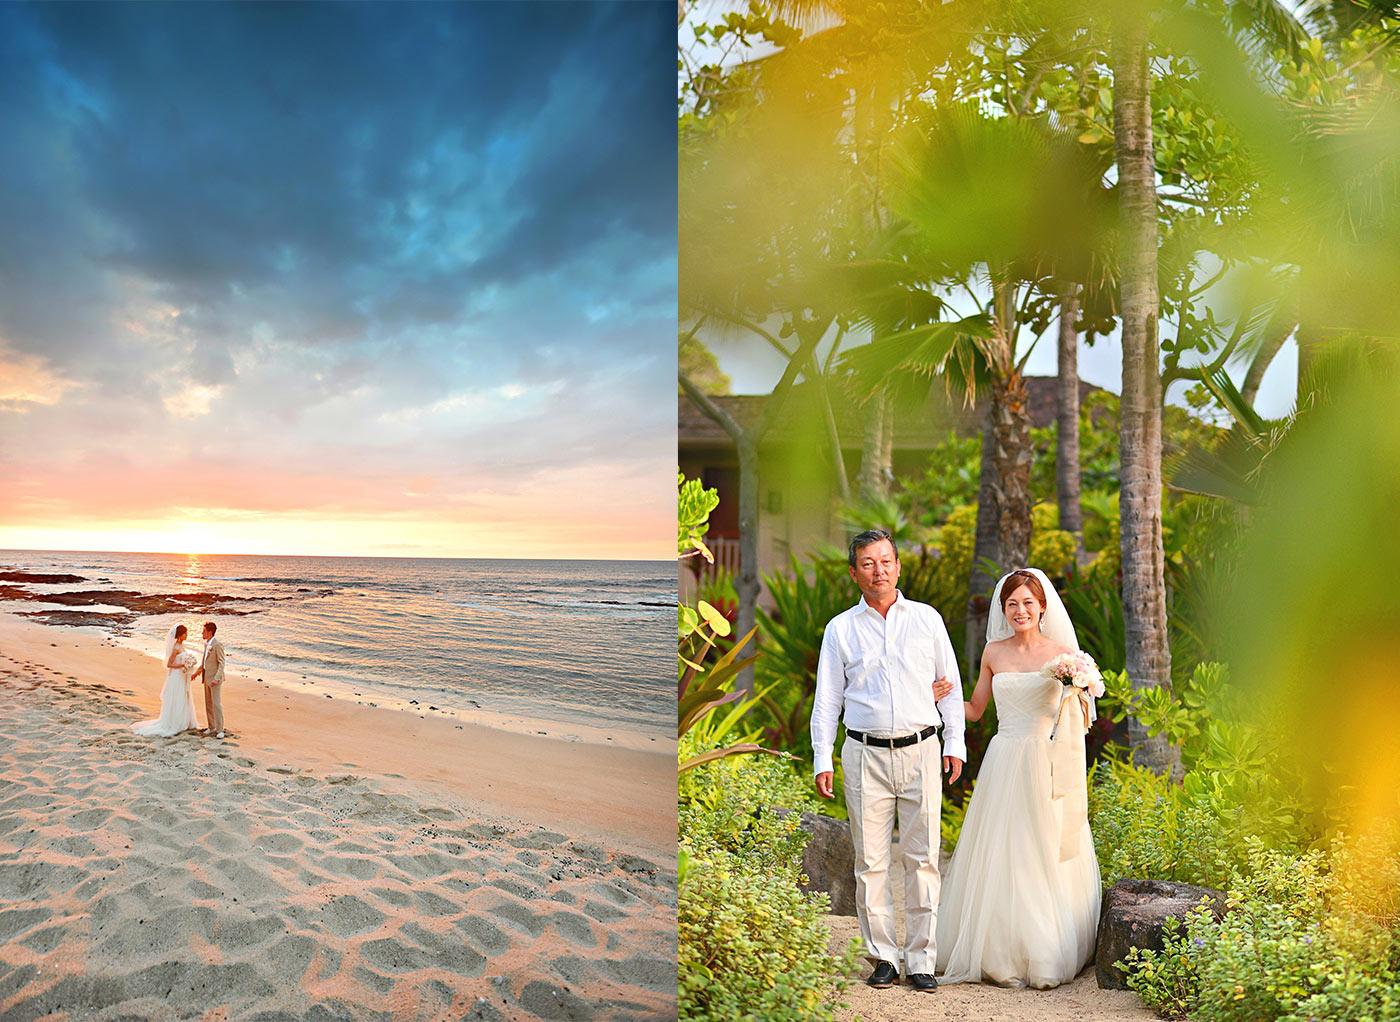 Big-Island-Hawaii-wedding-photo-(53).jpg